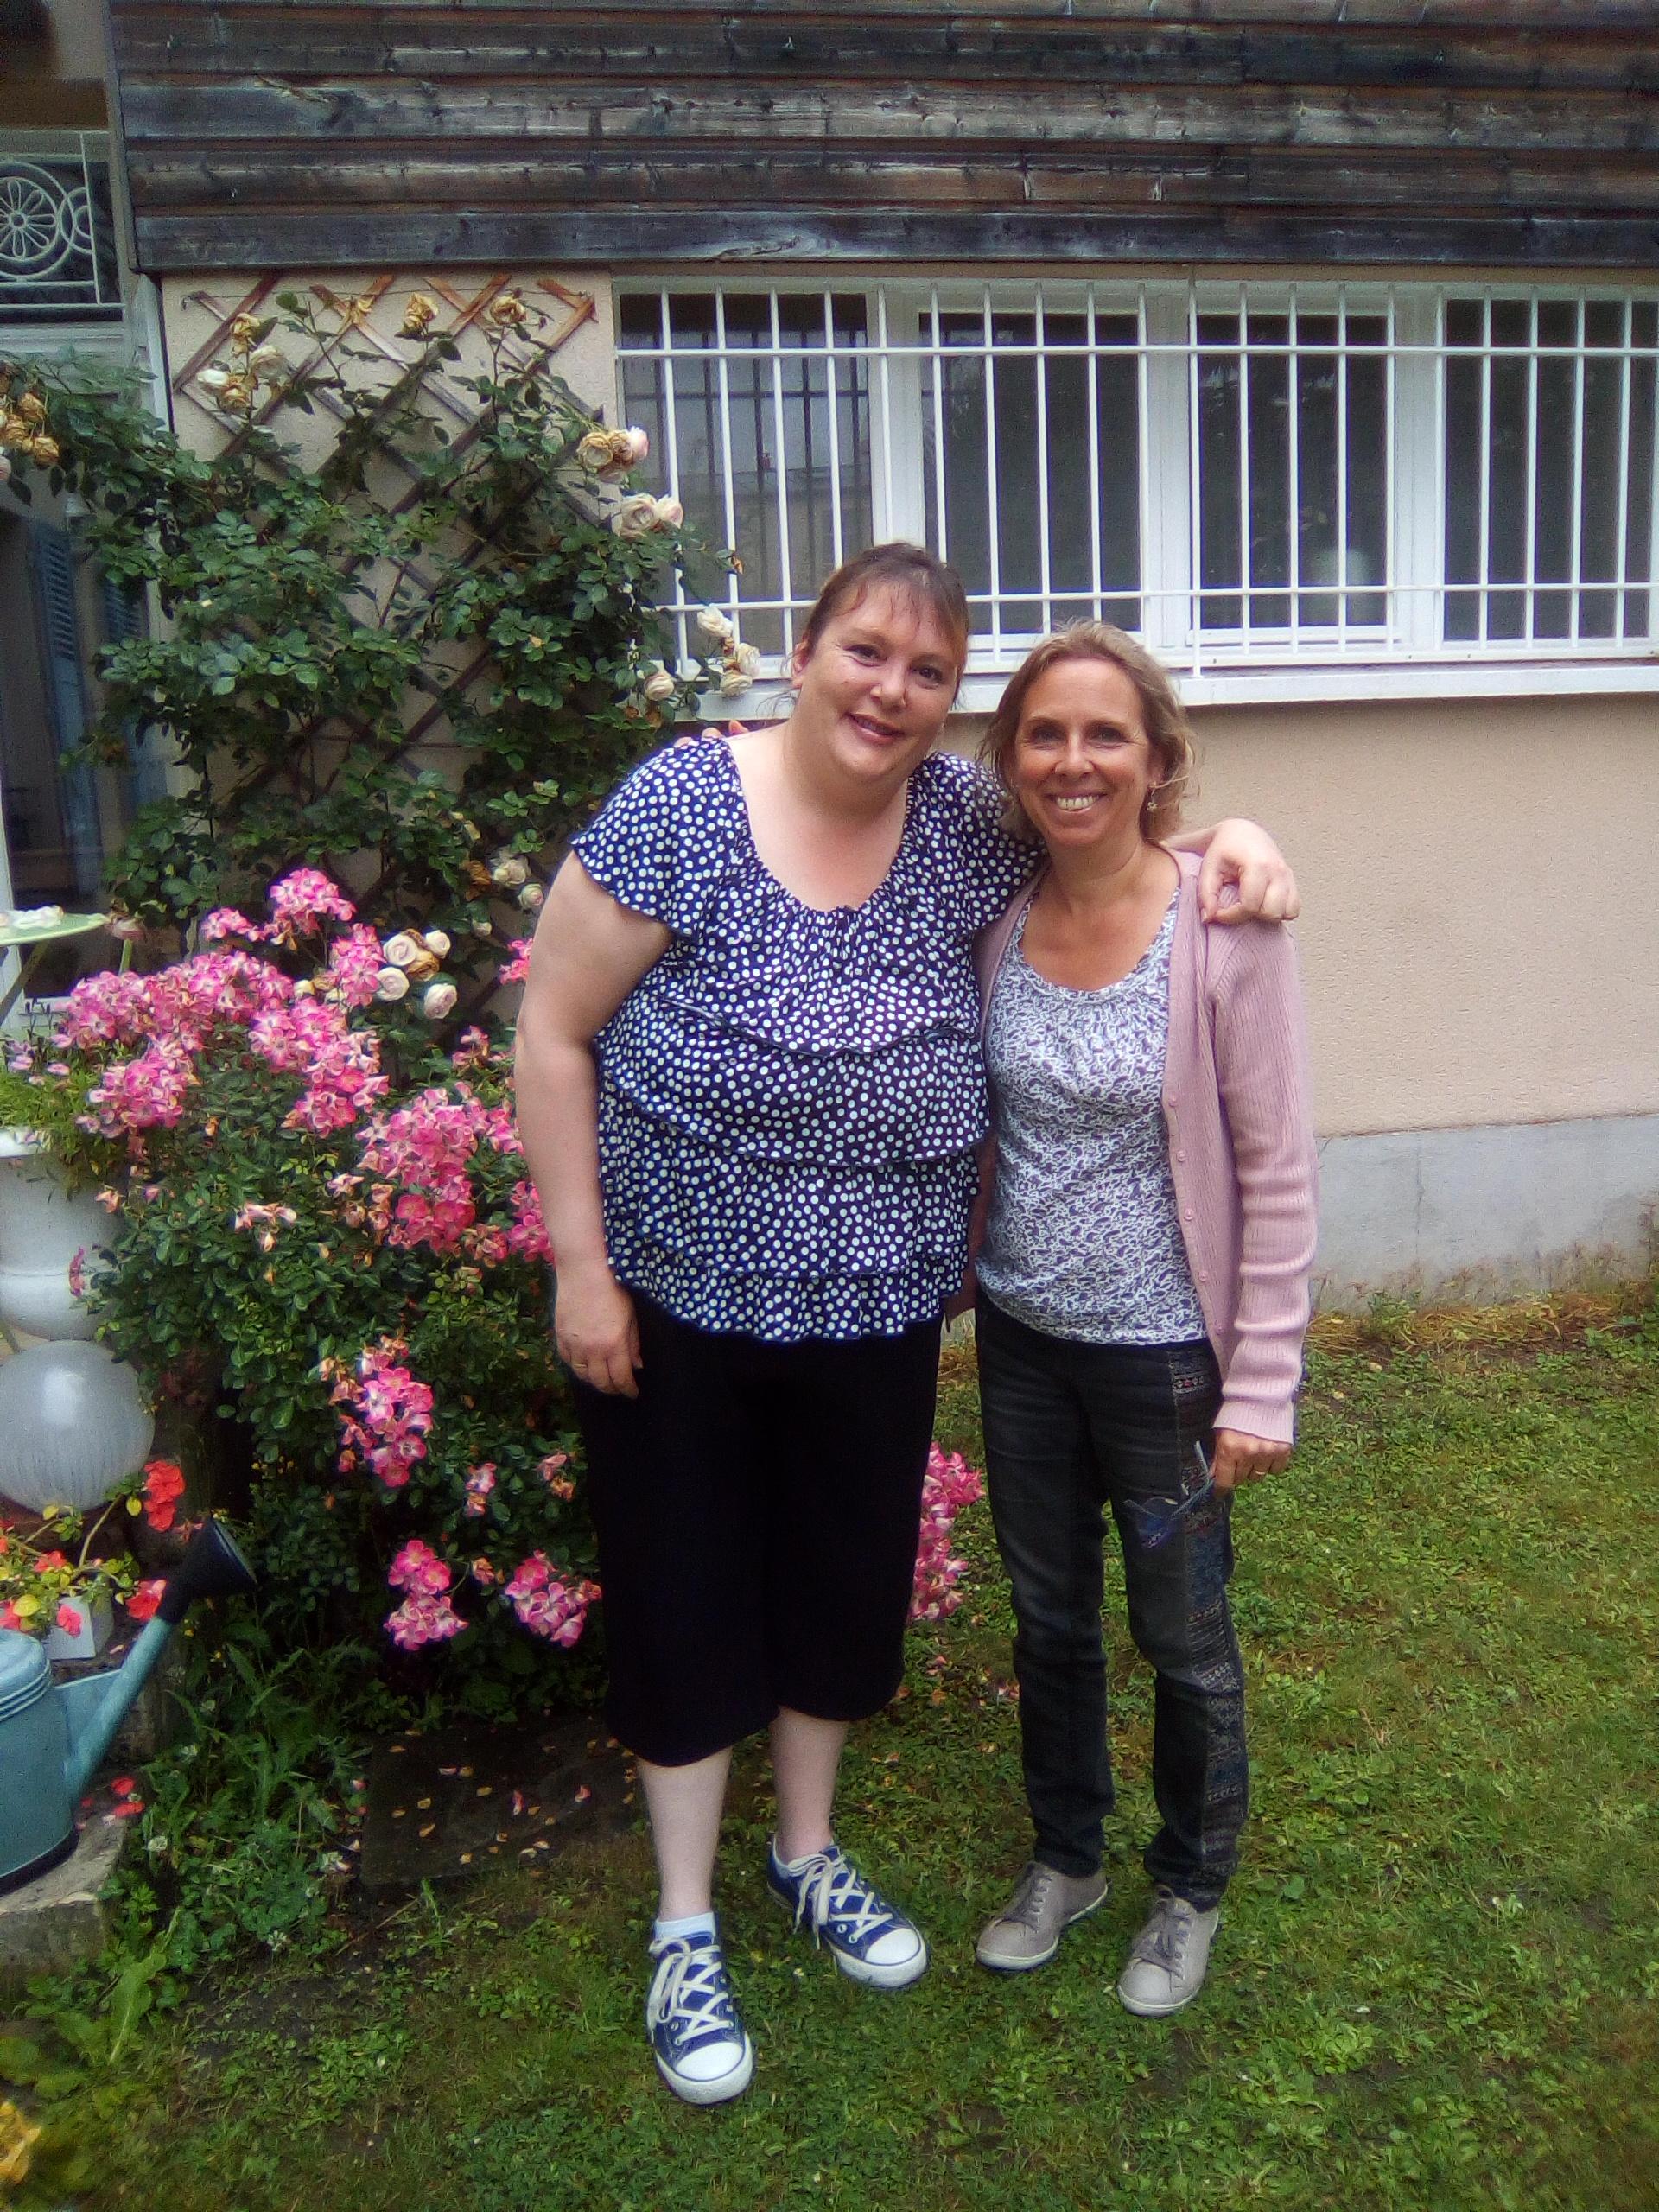 Stéphanie, locataire et bénévole depuis 3 mois